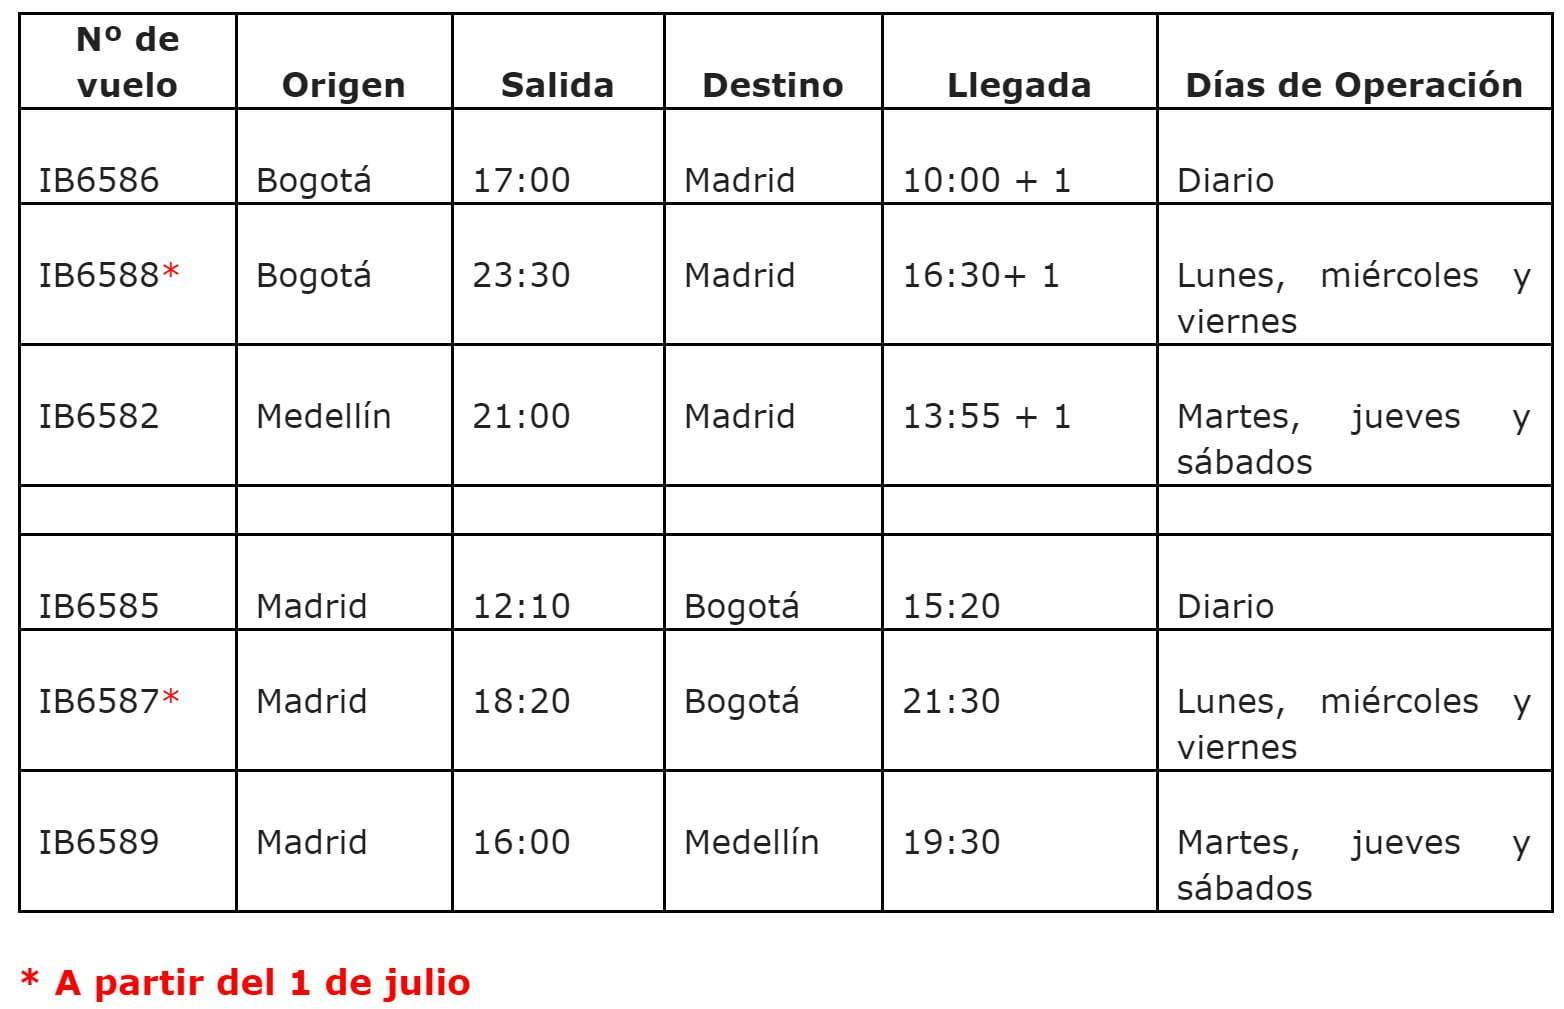 Itinerario de Iberia a Bogotá y Medellín, Colombia.